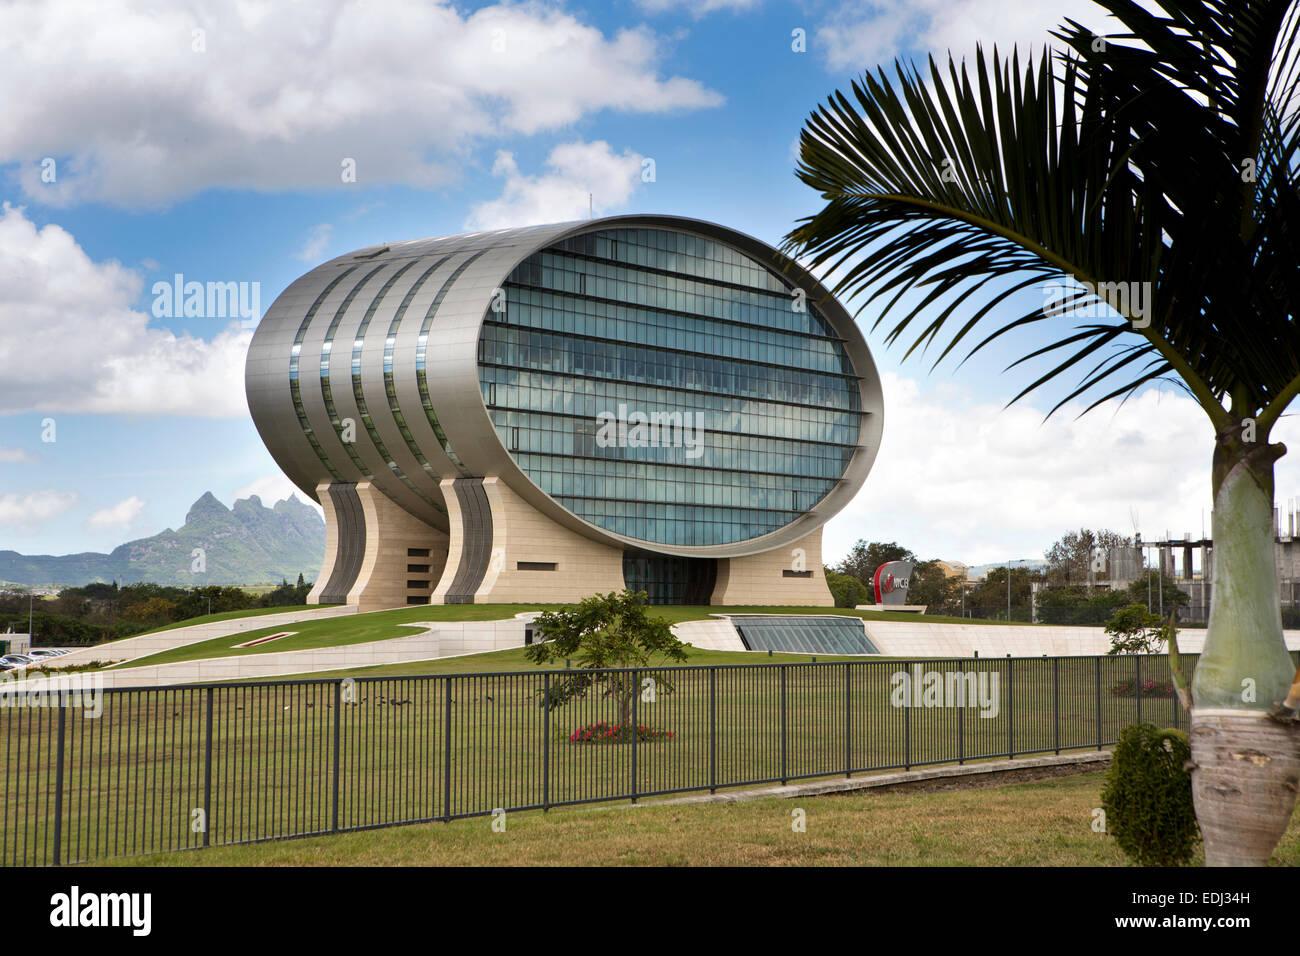 Mauritius, Quatre Bornes, landmark oval Mauritius Commercial Bank building - Stock Image